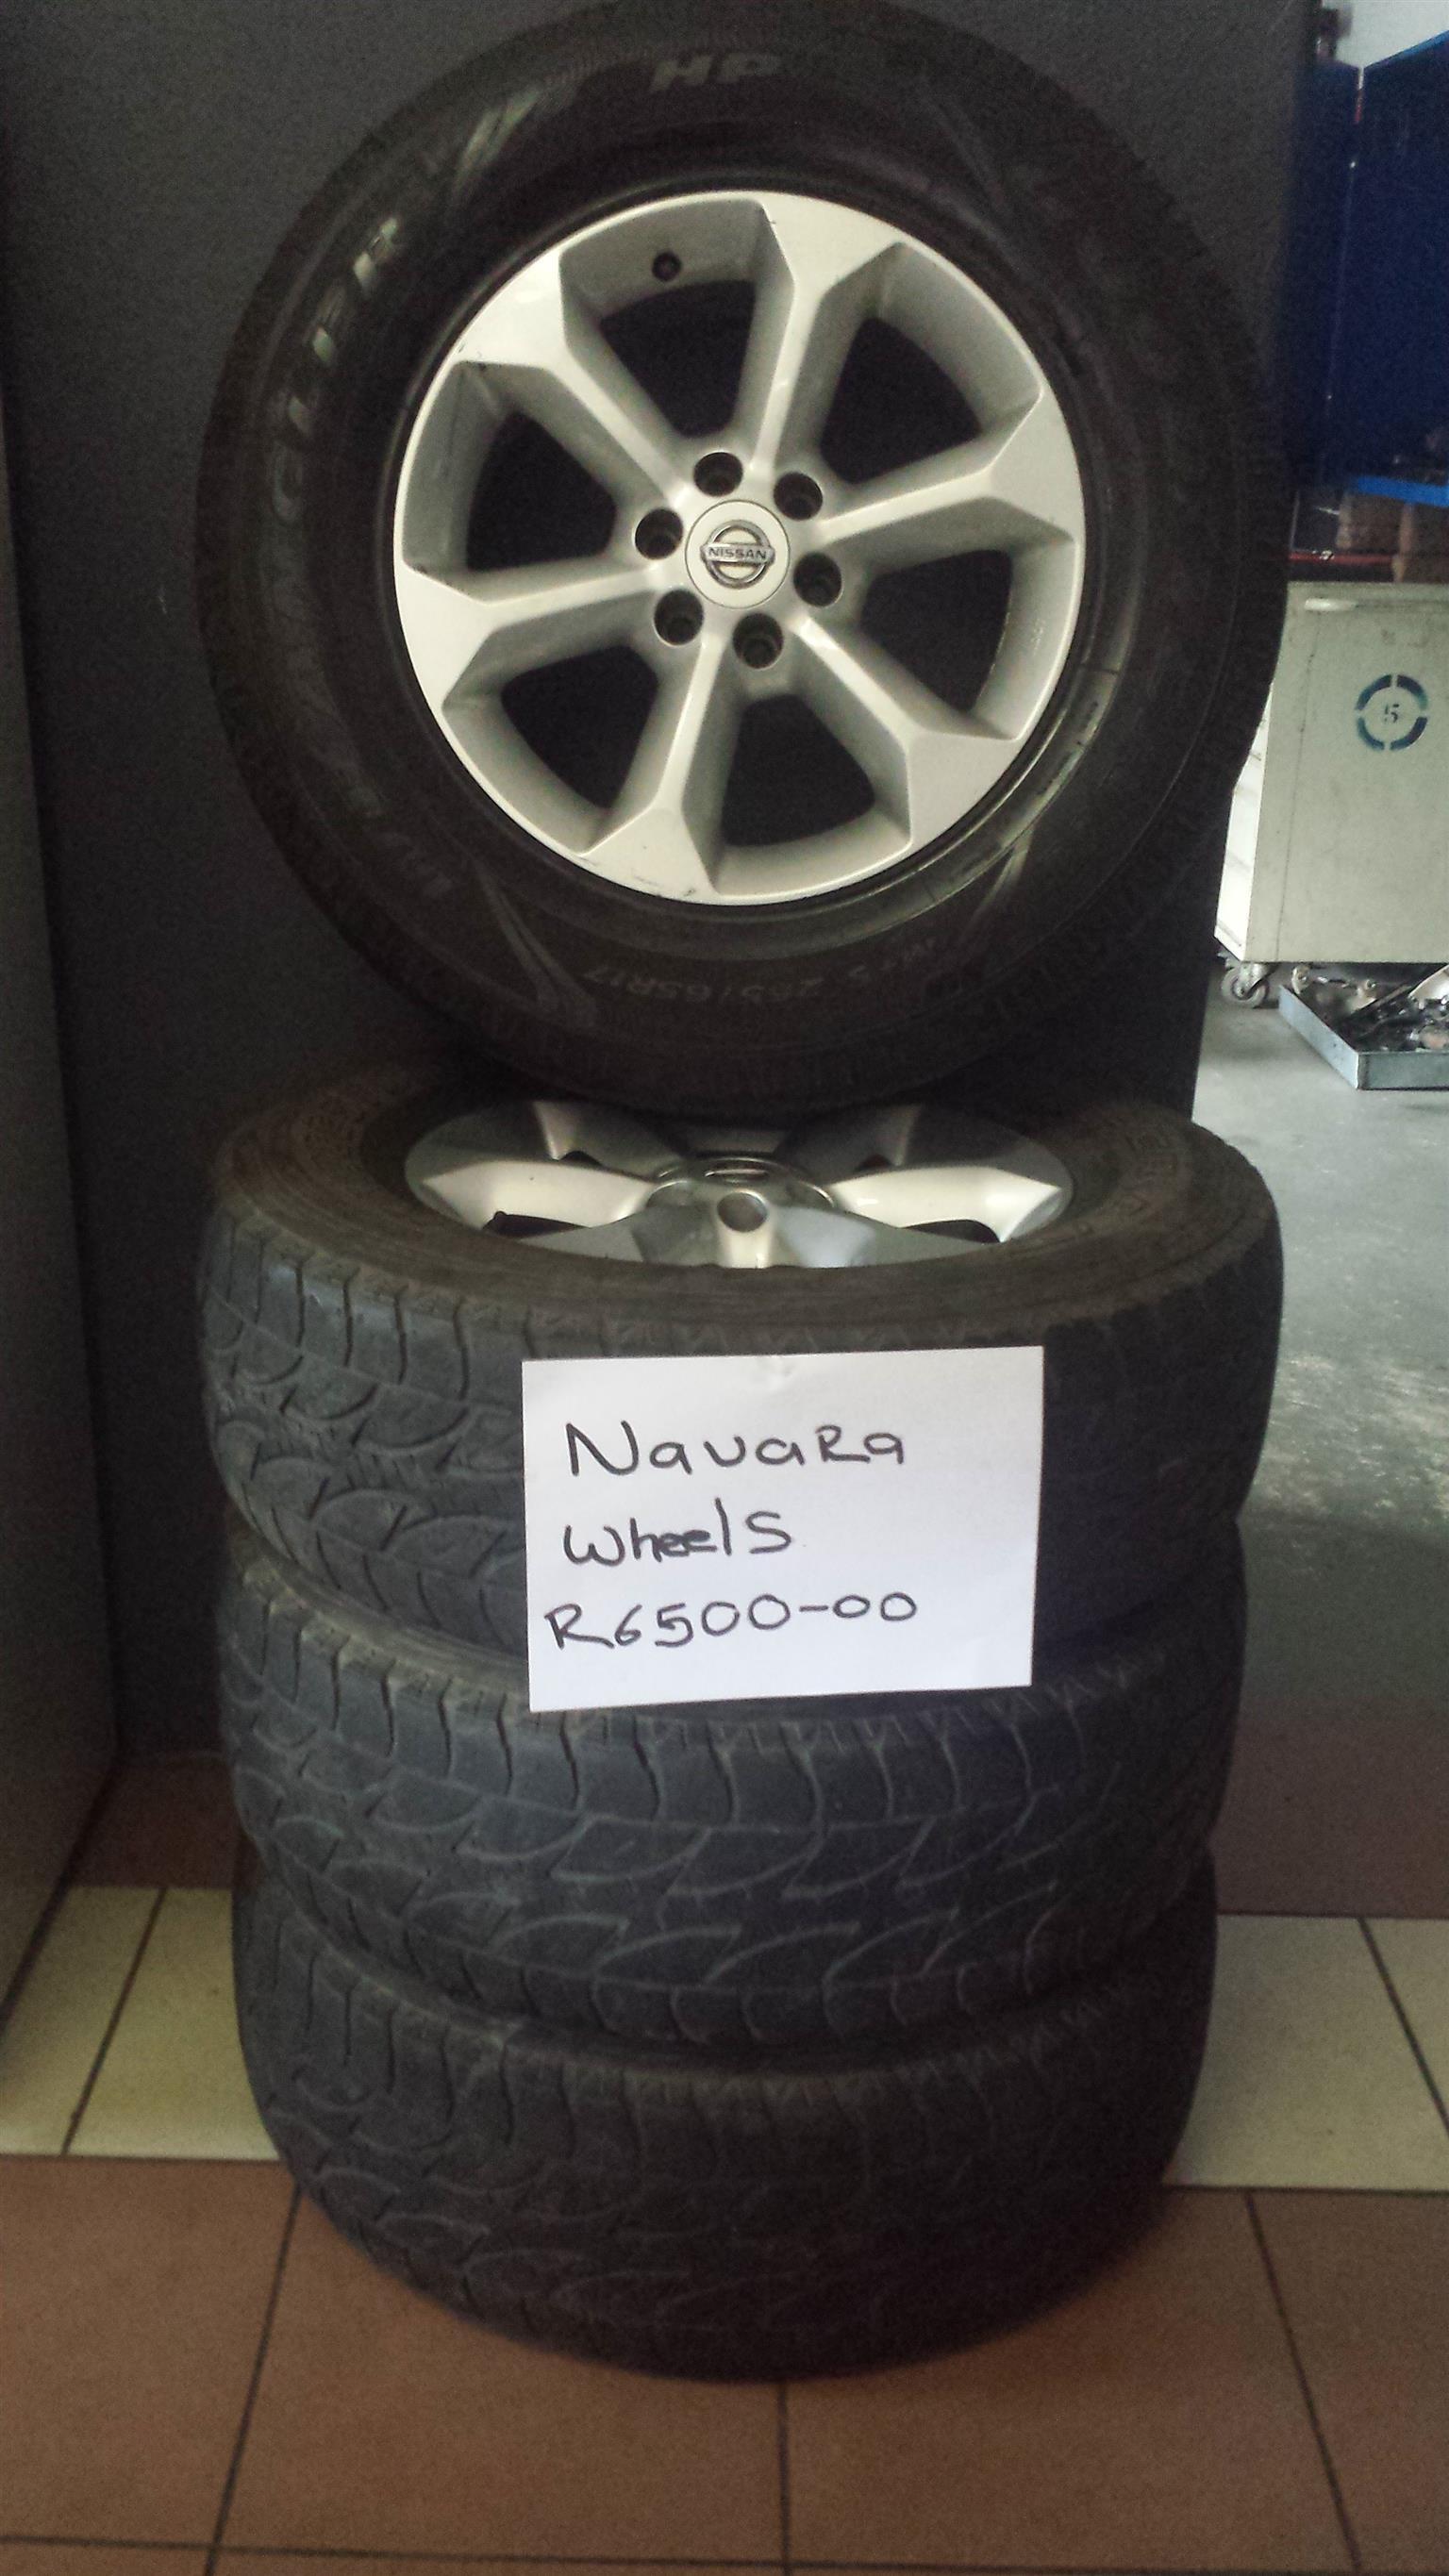 Navara wheels for sale R6500